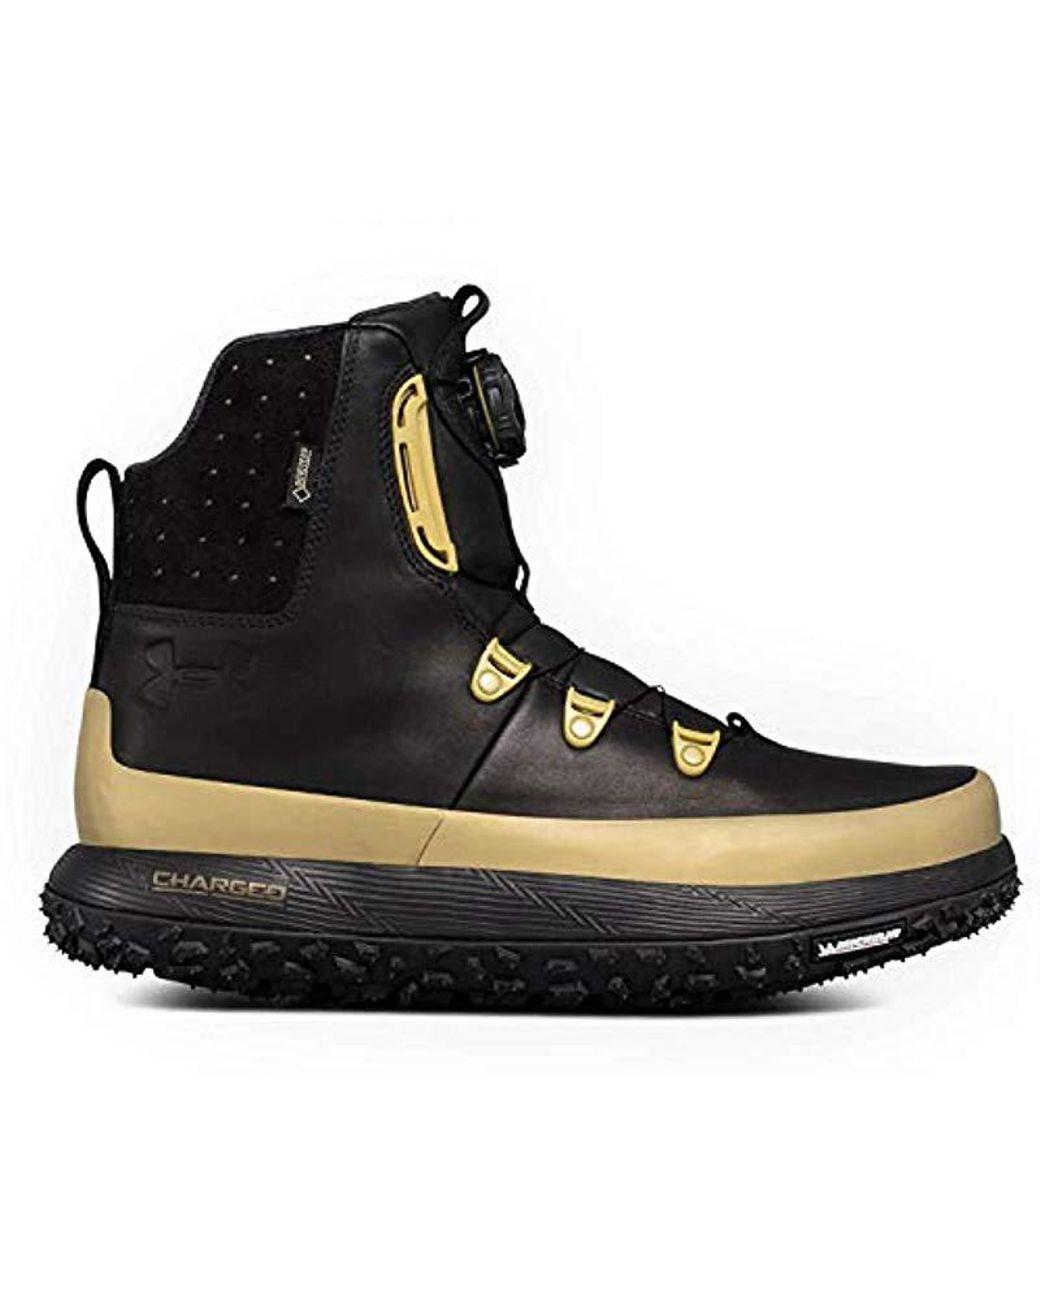 new style 3c6b2 88088 Men's Black Fat Tire Govie Boa Hiking Boot